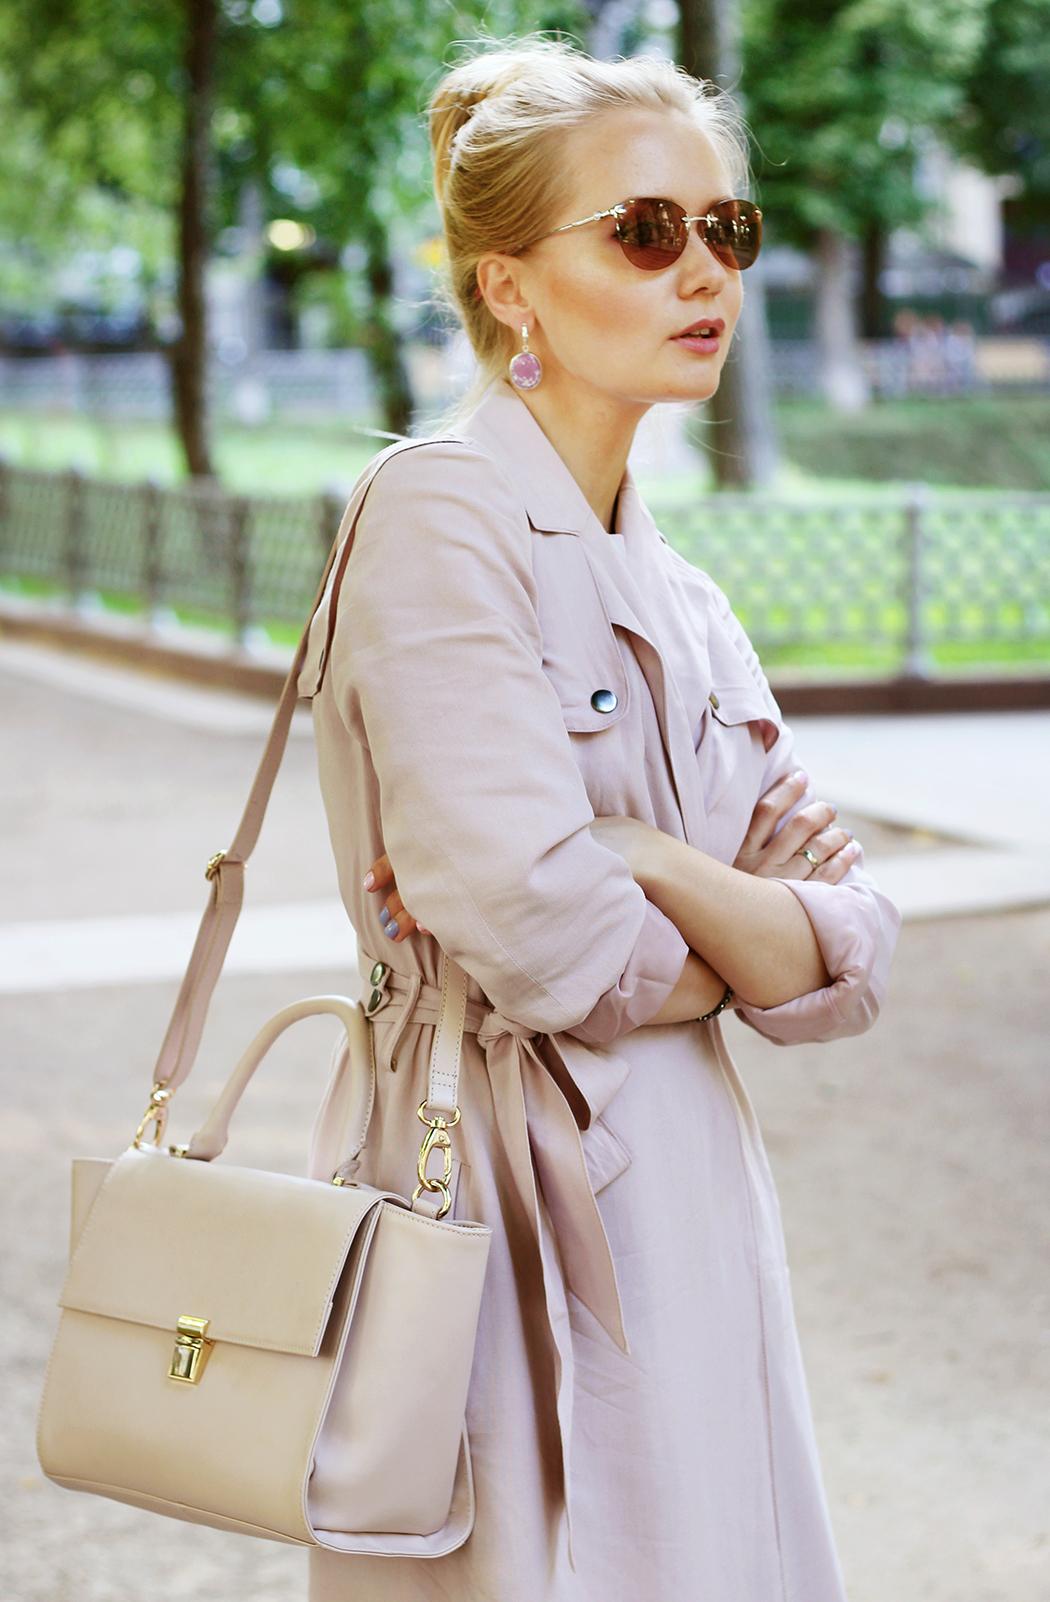 inspiration, streetstyle, spring outfit, moscow fashion week, annamidday, top fashion blogger, top russian fashion blogger, фэшн блогер, русский блогер, известный блогер, топовый блогер, russian bloger, top russian blogger, streetfashion, russian fashion blogger, blogger, fashion, style, fashionista, модный блогер, российский блогер, ТОП блогер, ootd, lookoftheday, look, популярный блогер, российский модный блогер, russian girl, с чем носить пастельное пальто, как одеться весной, модные аксессуары, ASOS, пастельная одежда, с чем носить пастельную одежду, как сочетать пастельные цвета, pastel colors, pastel colors combination, цветовые сочетания, как определить свой цветотип, streetstyle, sunset photo, красивая девушка, девушка и закат, flowers and girl, pastel dress, pastel bag, tiffany sunglasses, Алена Ершова, Анна миддэй, анна мидэй